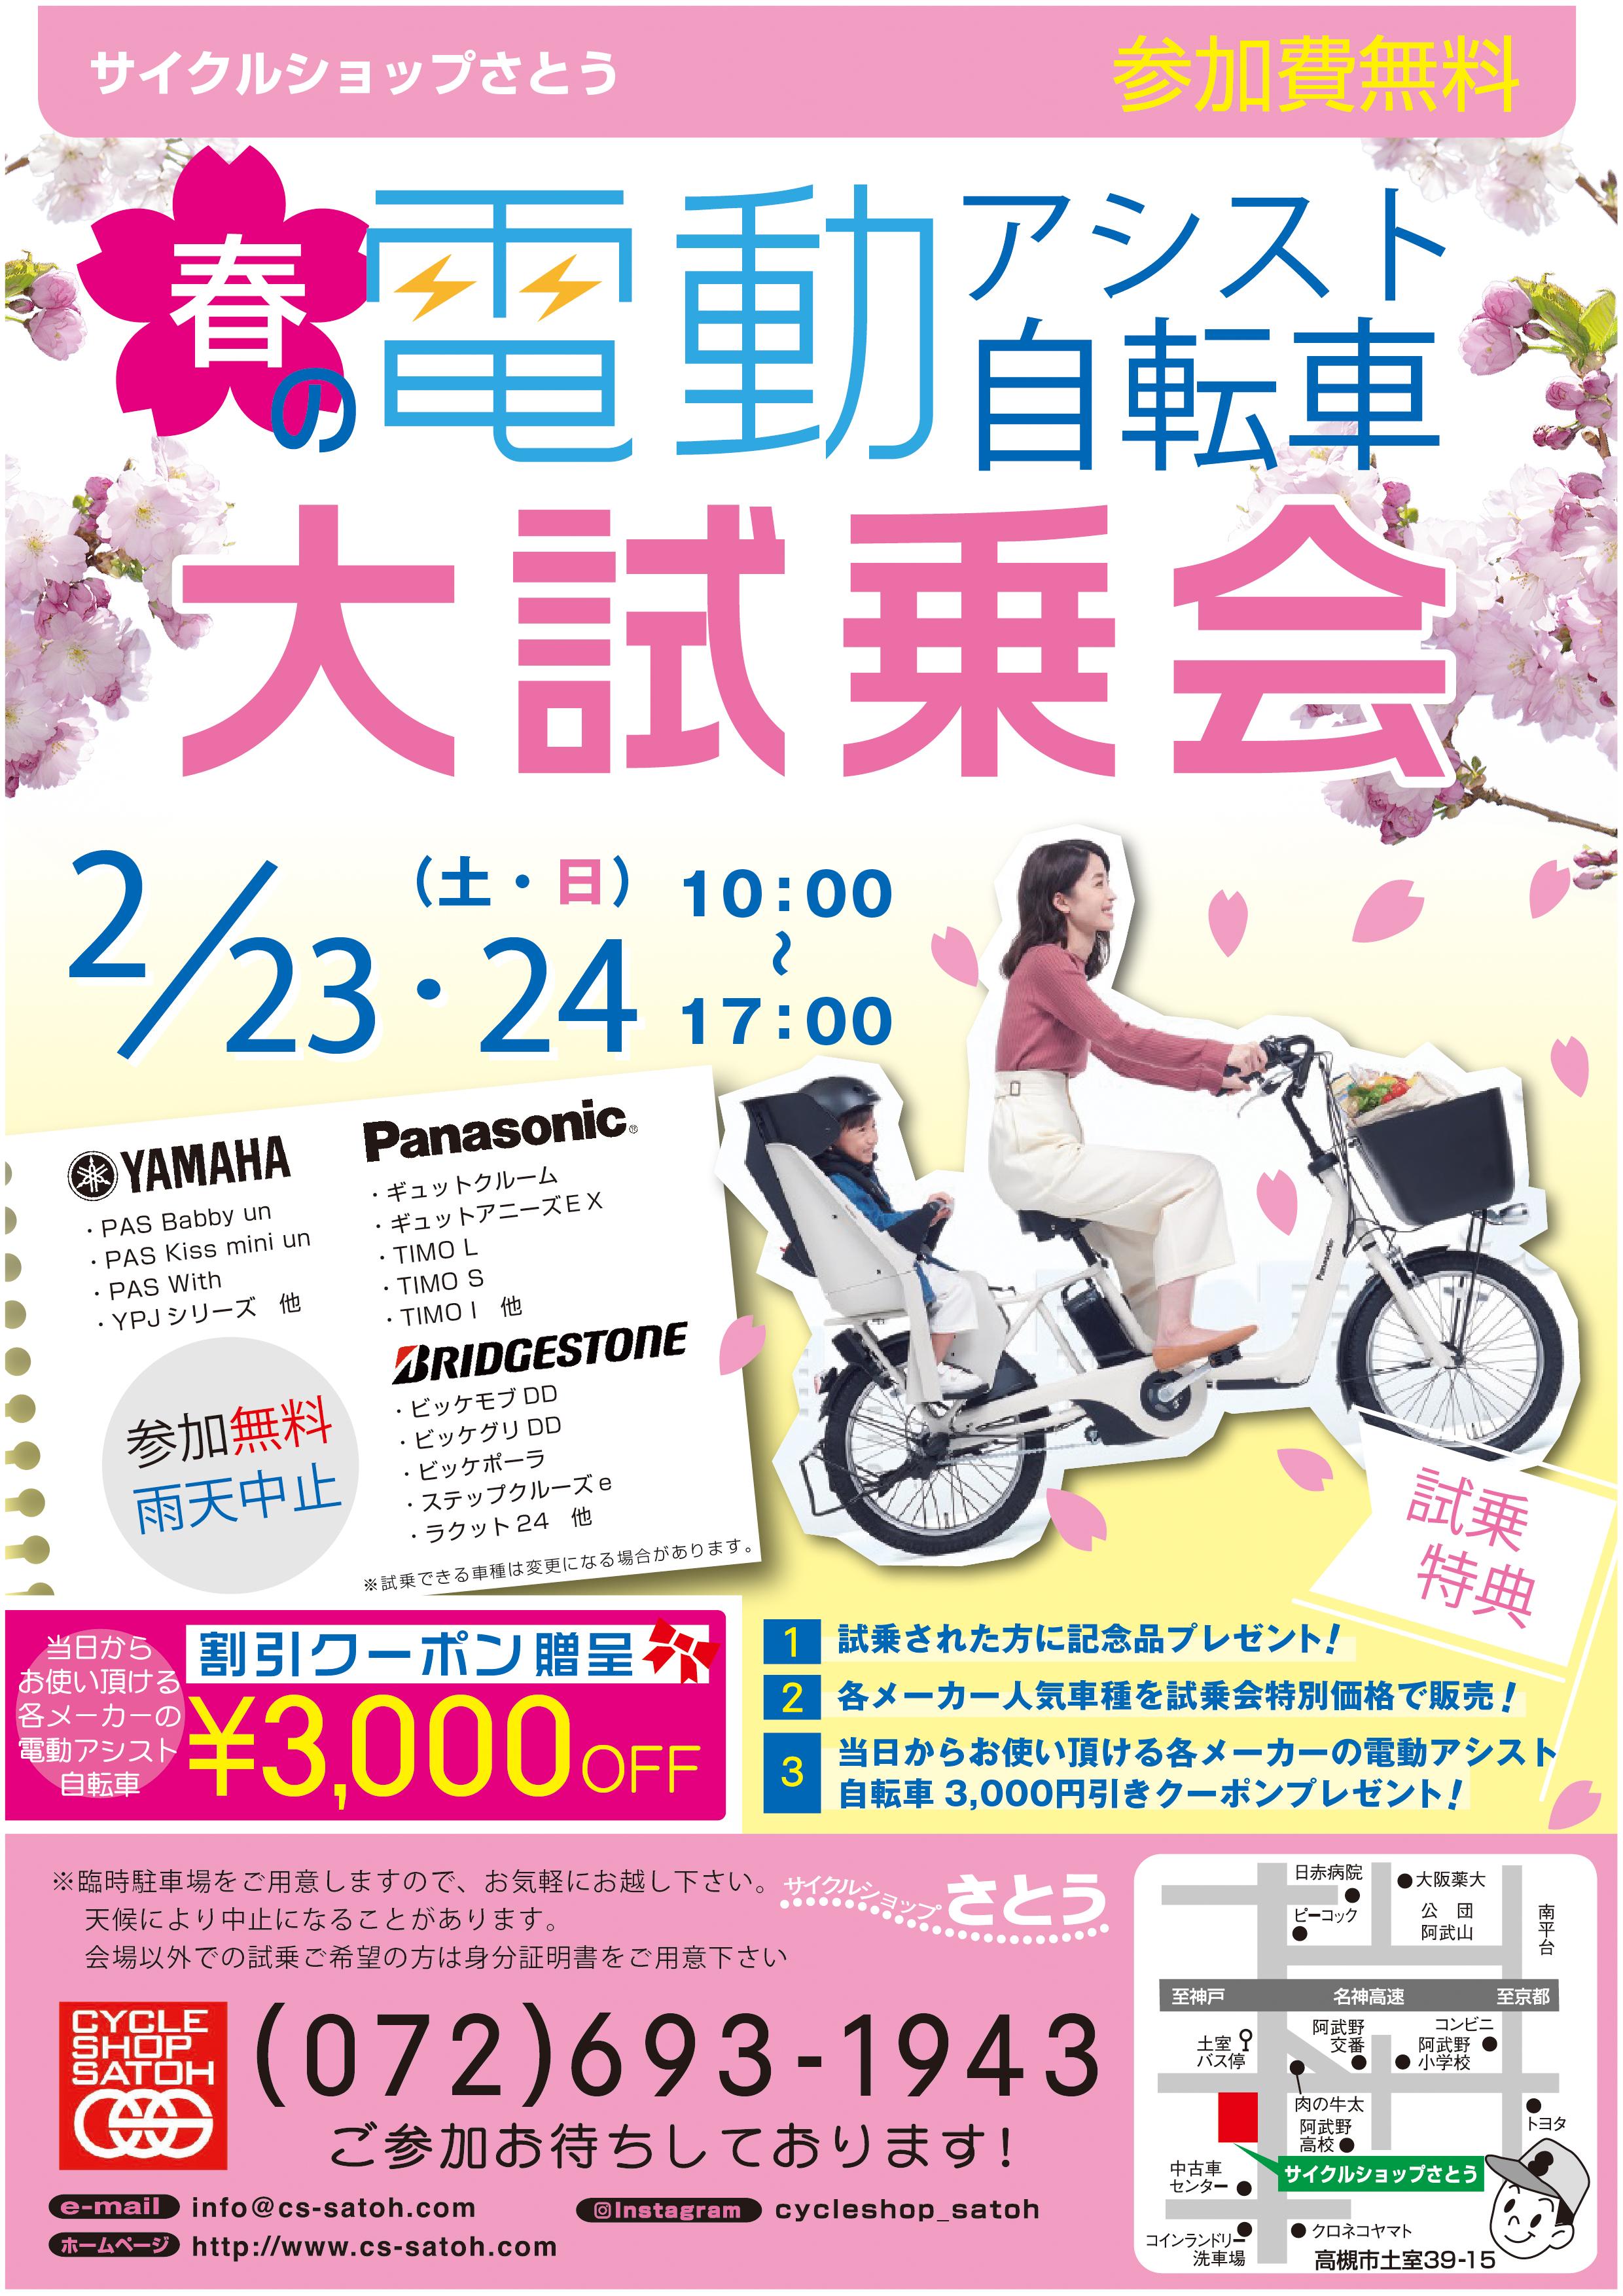 🚲電動アシスト自転車大試乗会開催🚲